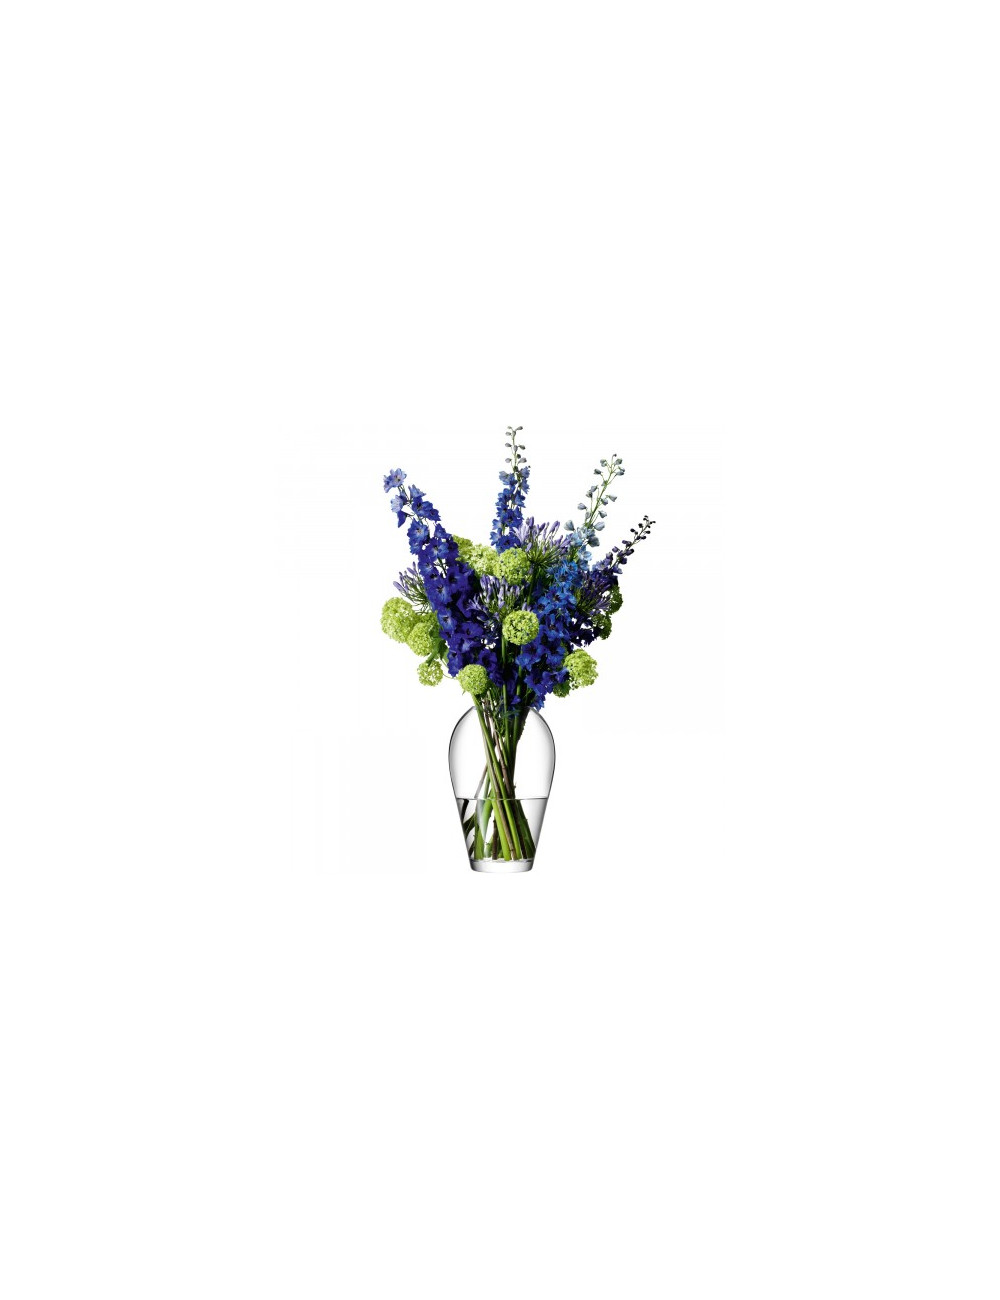 Vase Flower Bouquet - 35cm